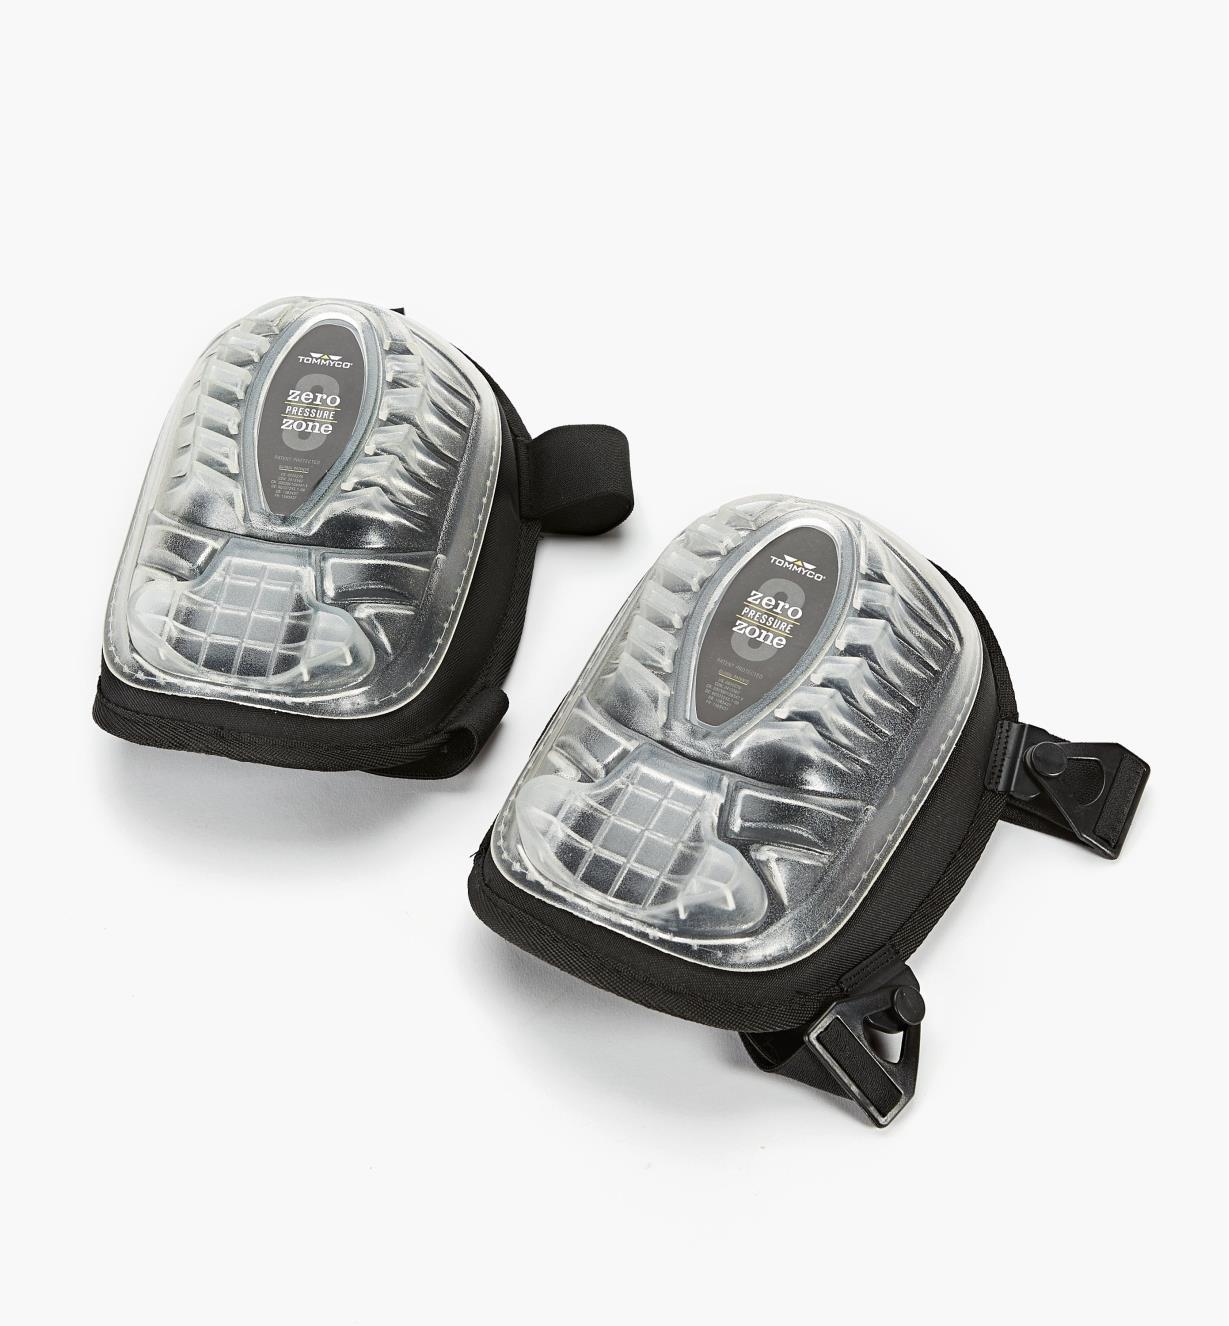 67K7433 - Small Premium Knee Pads